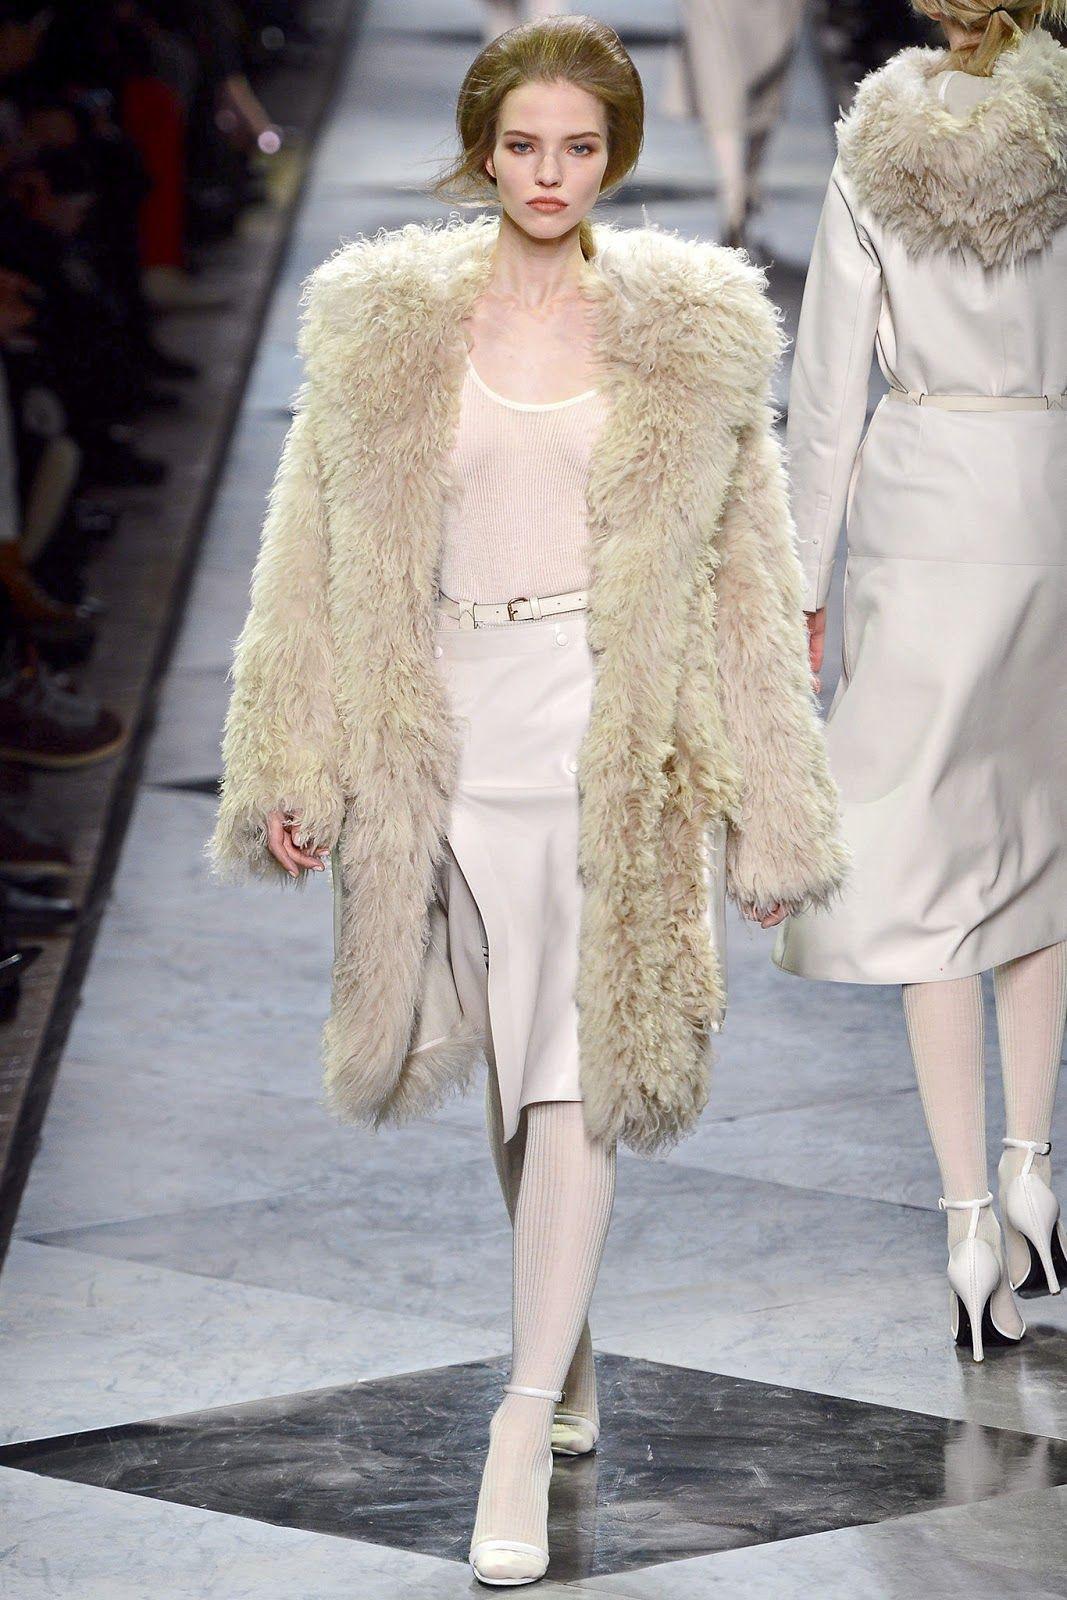 Loewe Fall/Winter 2013 collection - Paris fashion week